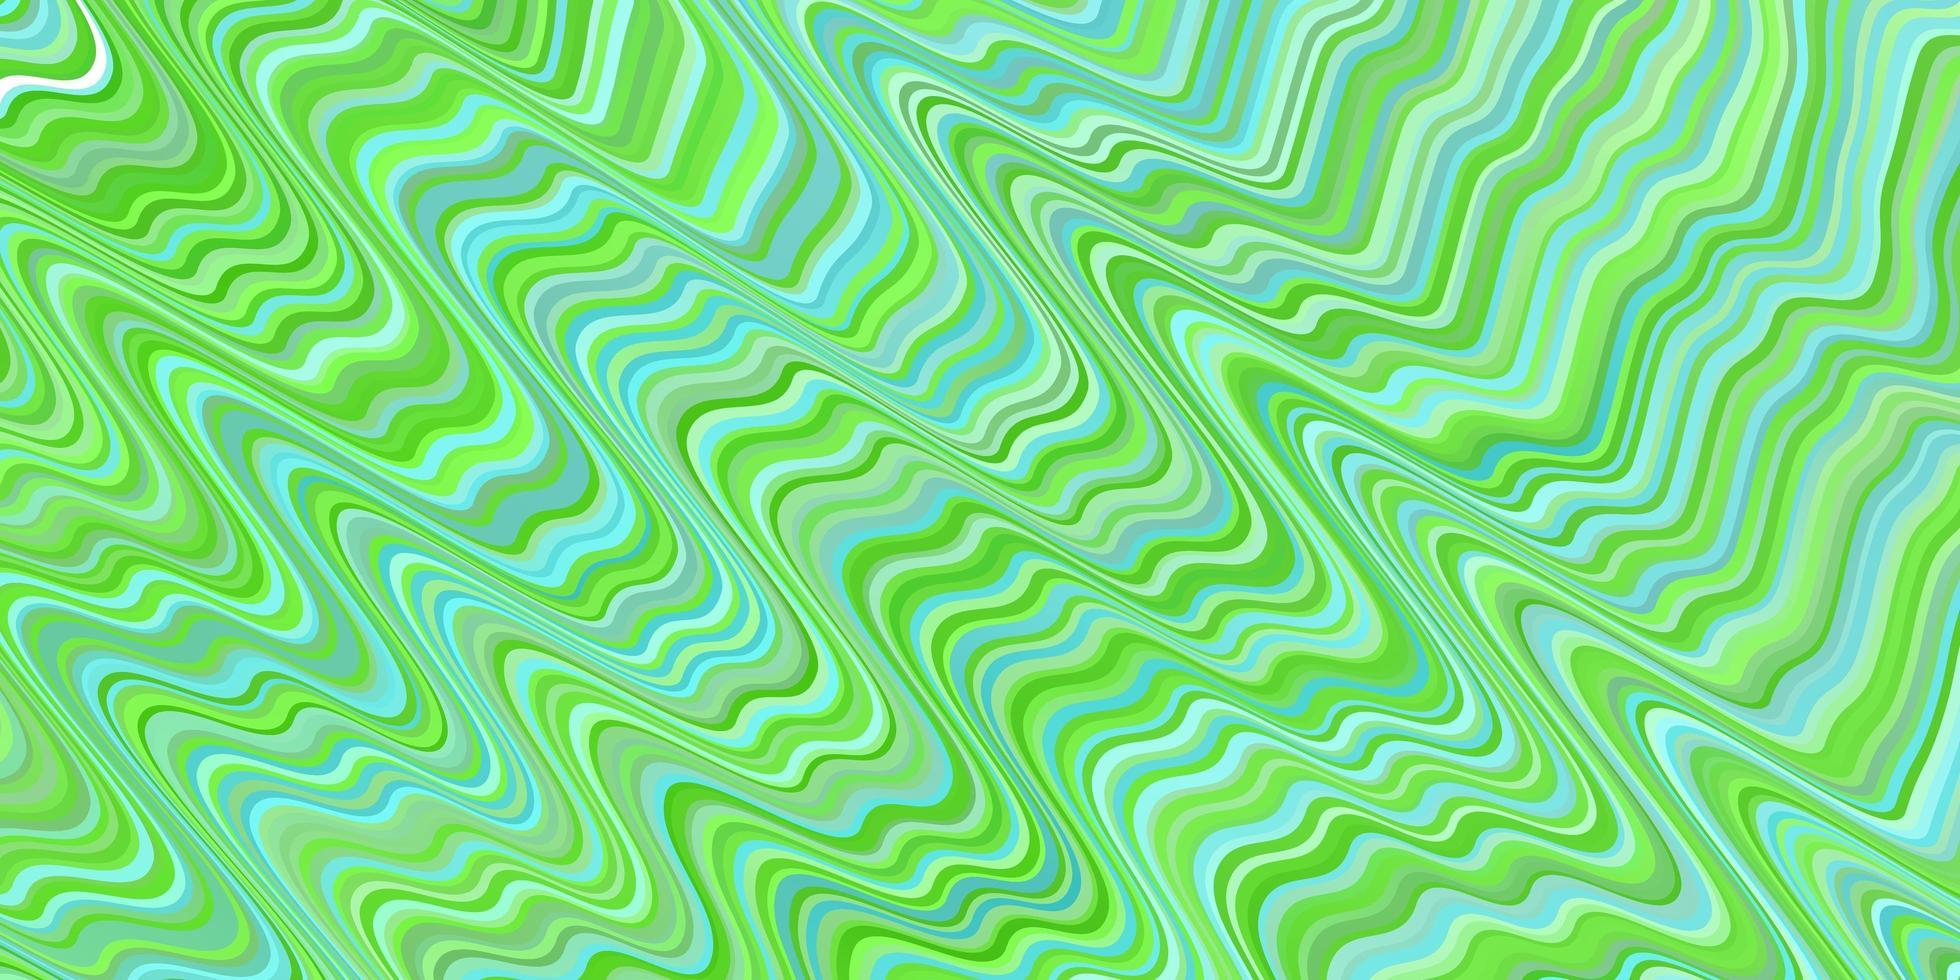 modello vettoriale verde chiaro con linee curve.